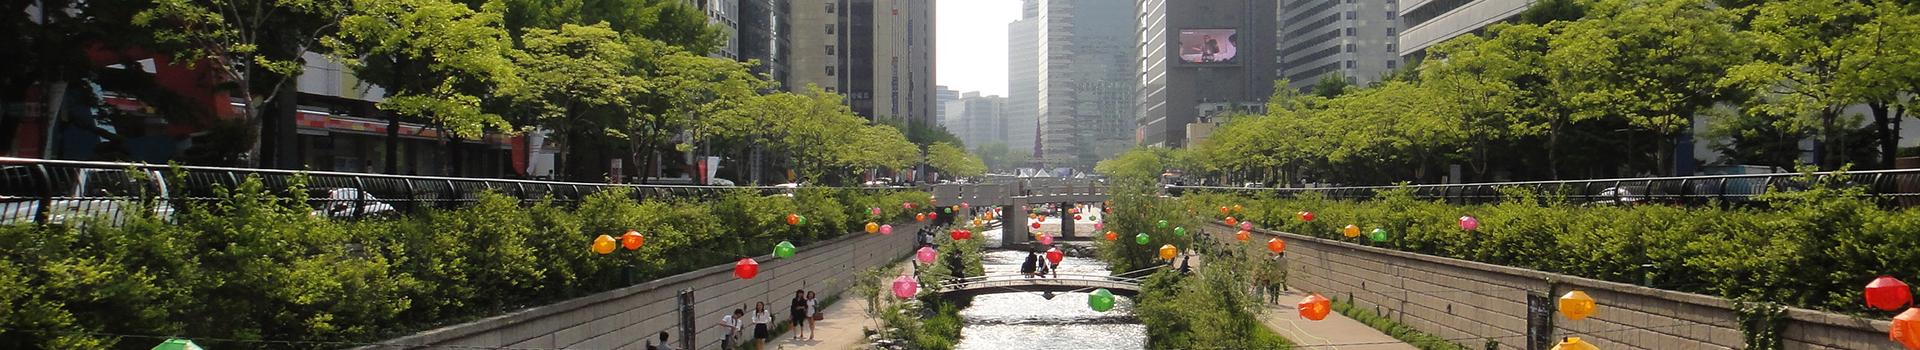 Романтика Сеула:<br>Сеул